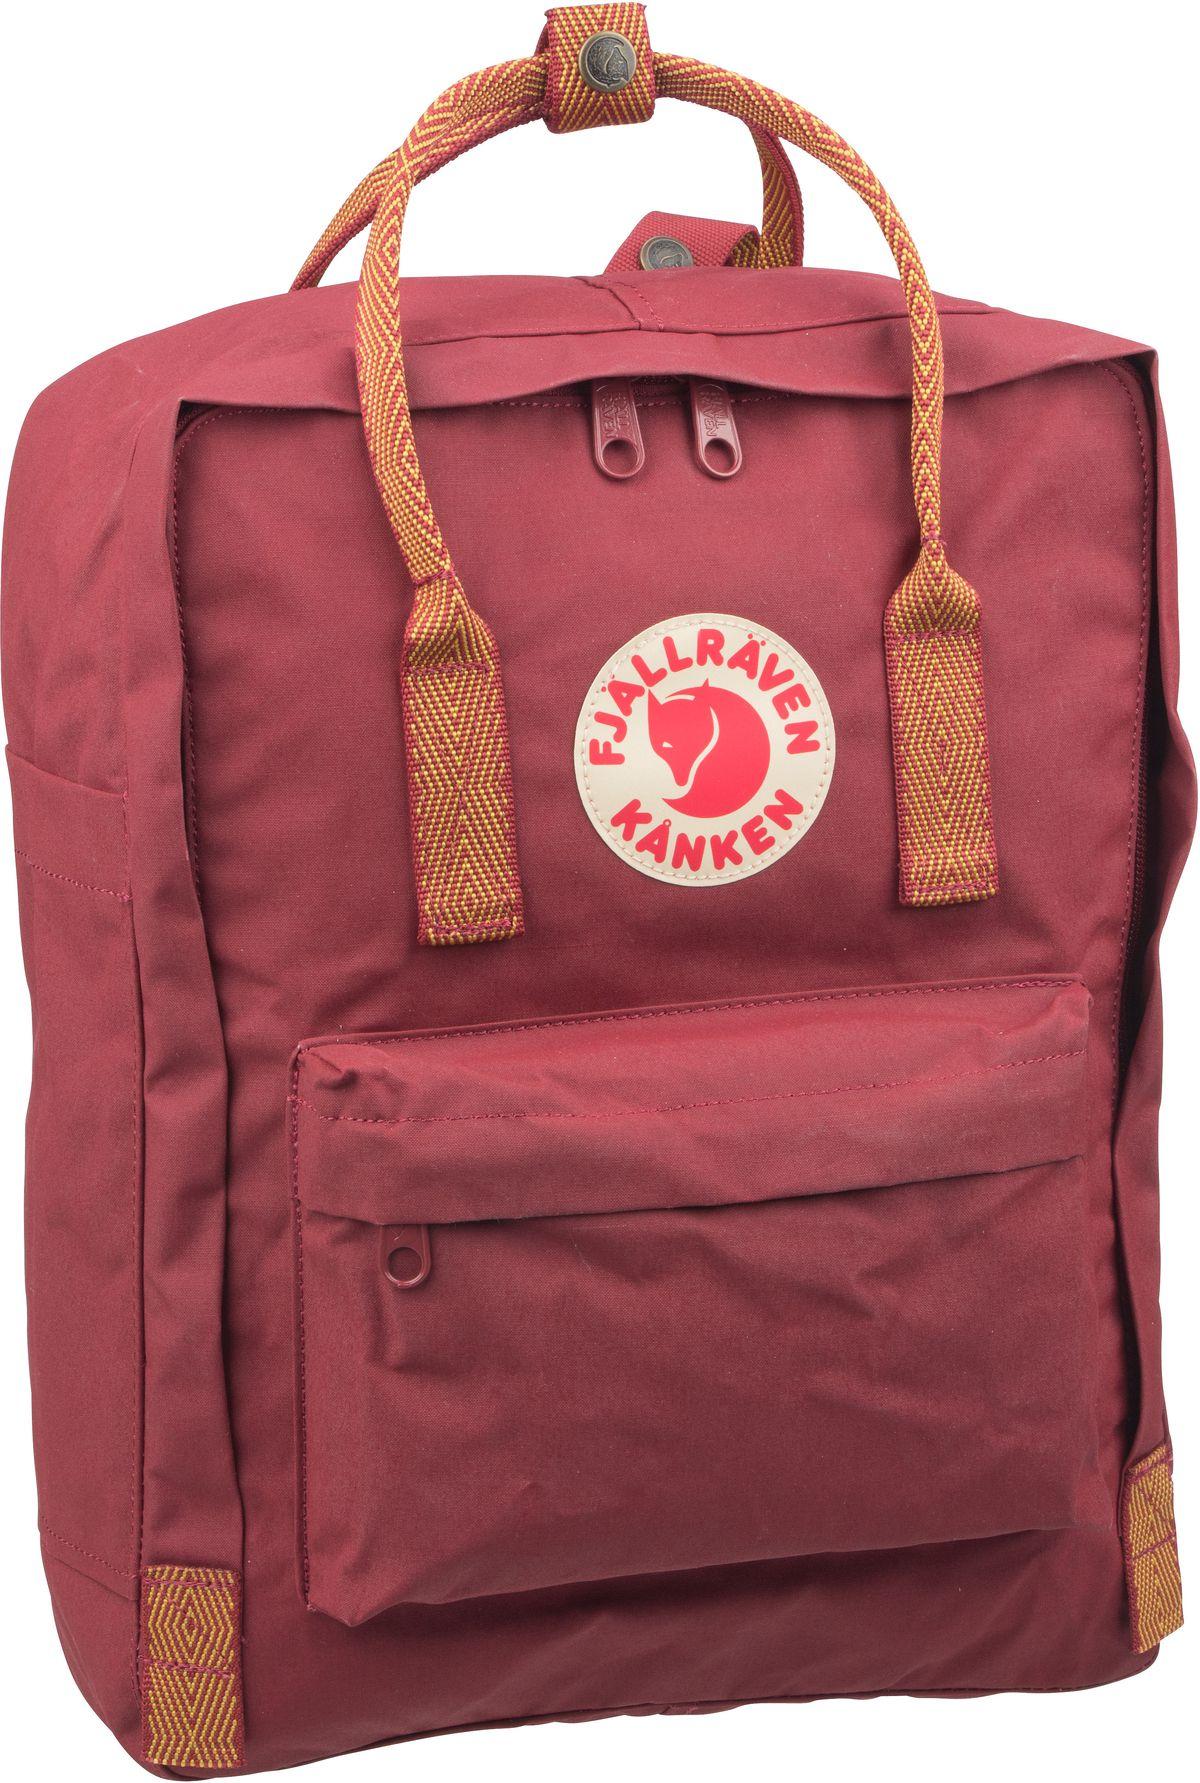 Rucksack / Daypack Kanken Ox Red/Goose Eye (16 Liter)